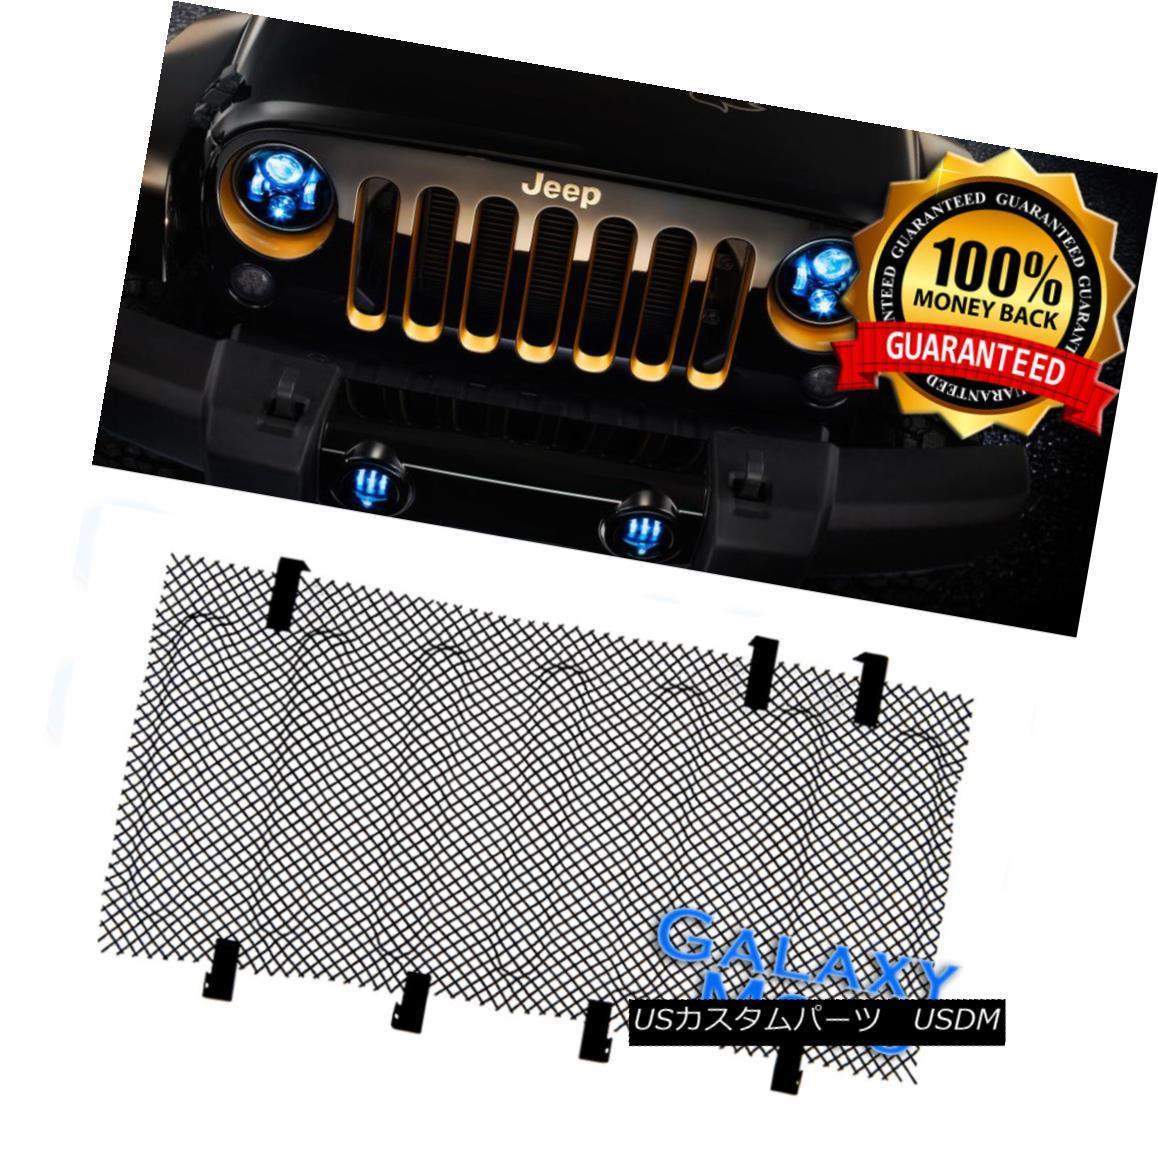 グリル Bug Screen Mesh Stainless Grille Insert Cover Grill fit 07-17 Jeep Wrangler JK バグスクリーンメッシュステンレスグリルインサートカバーグリルフィット07-17 Jeep Wrangler JK